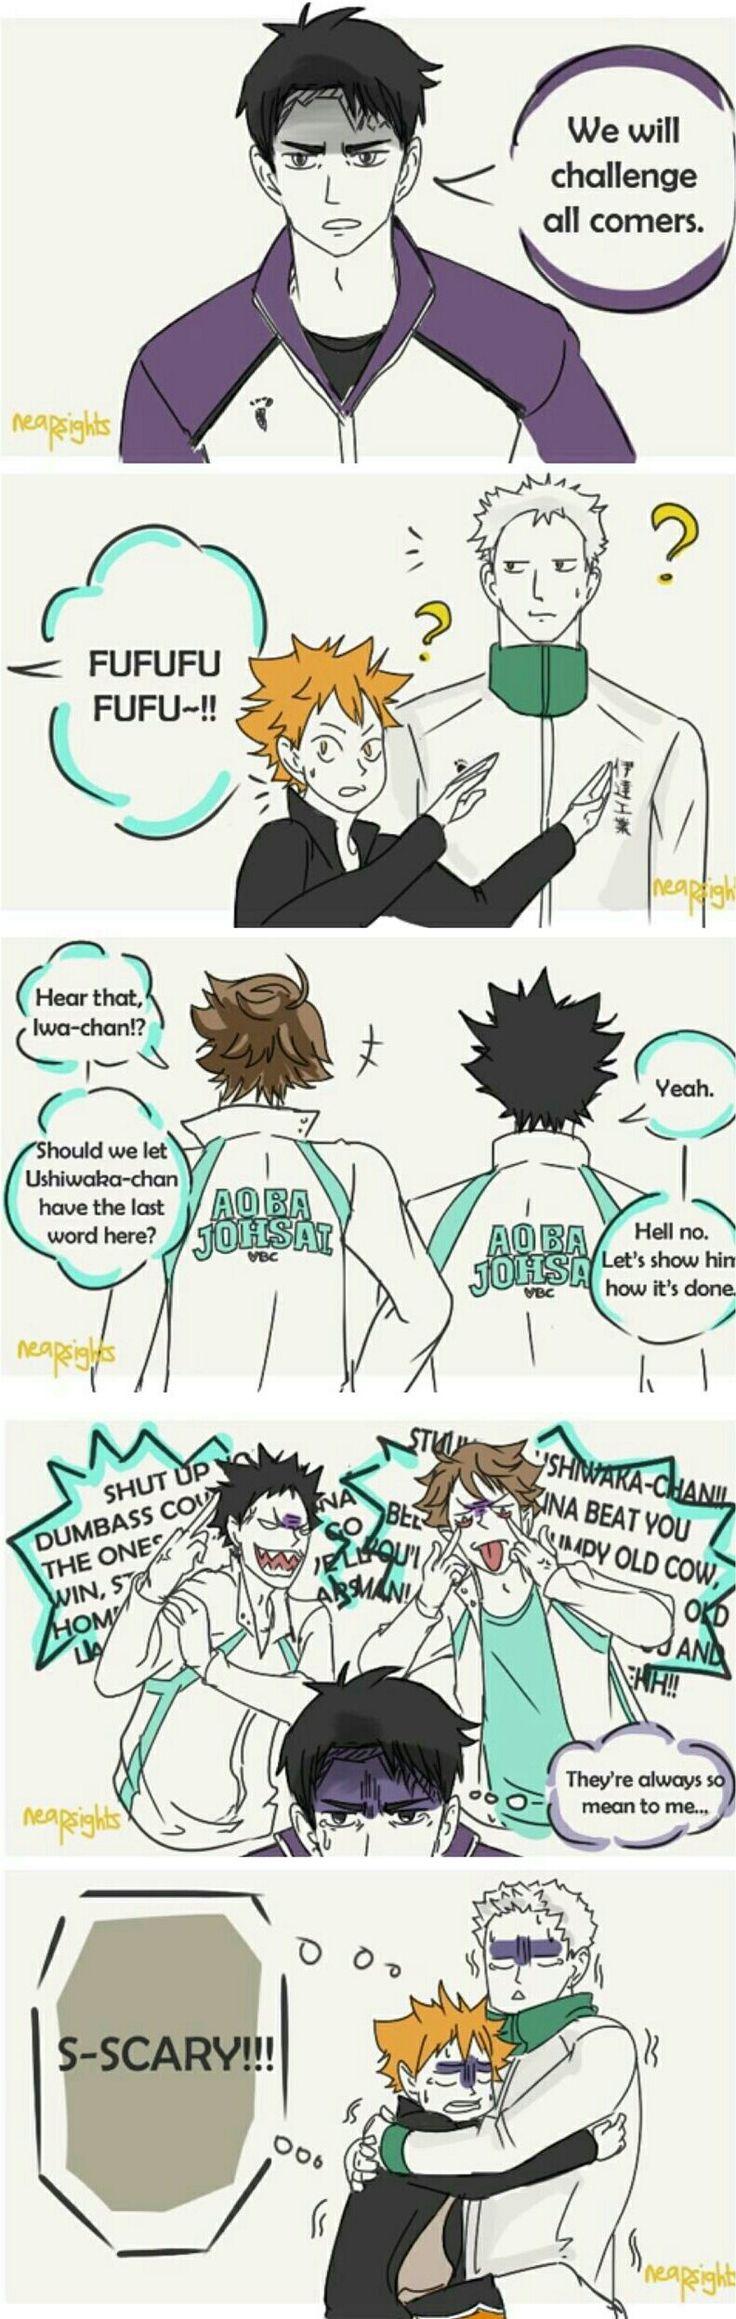 Aaawwwwww<---- Same Hinata and Aone. sAME